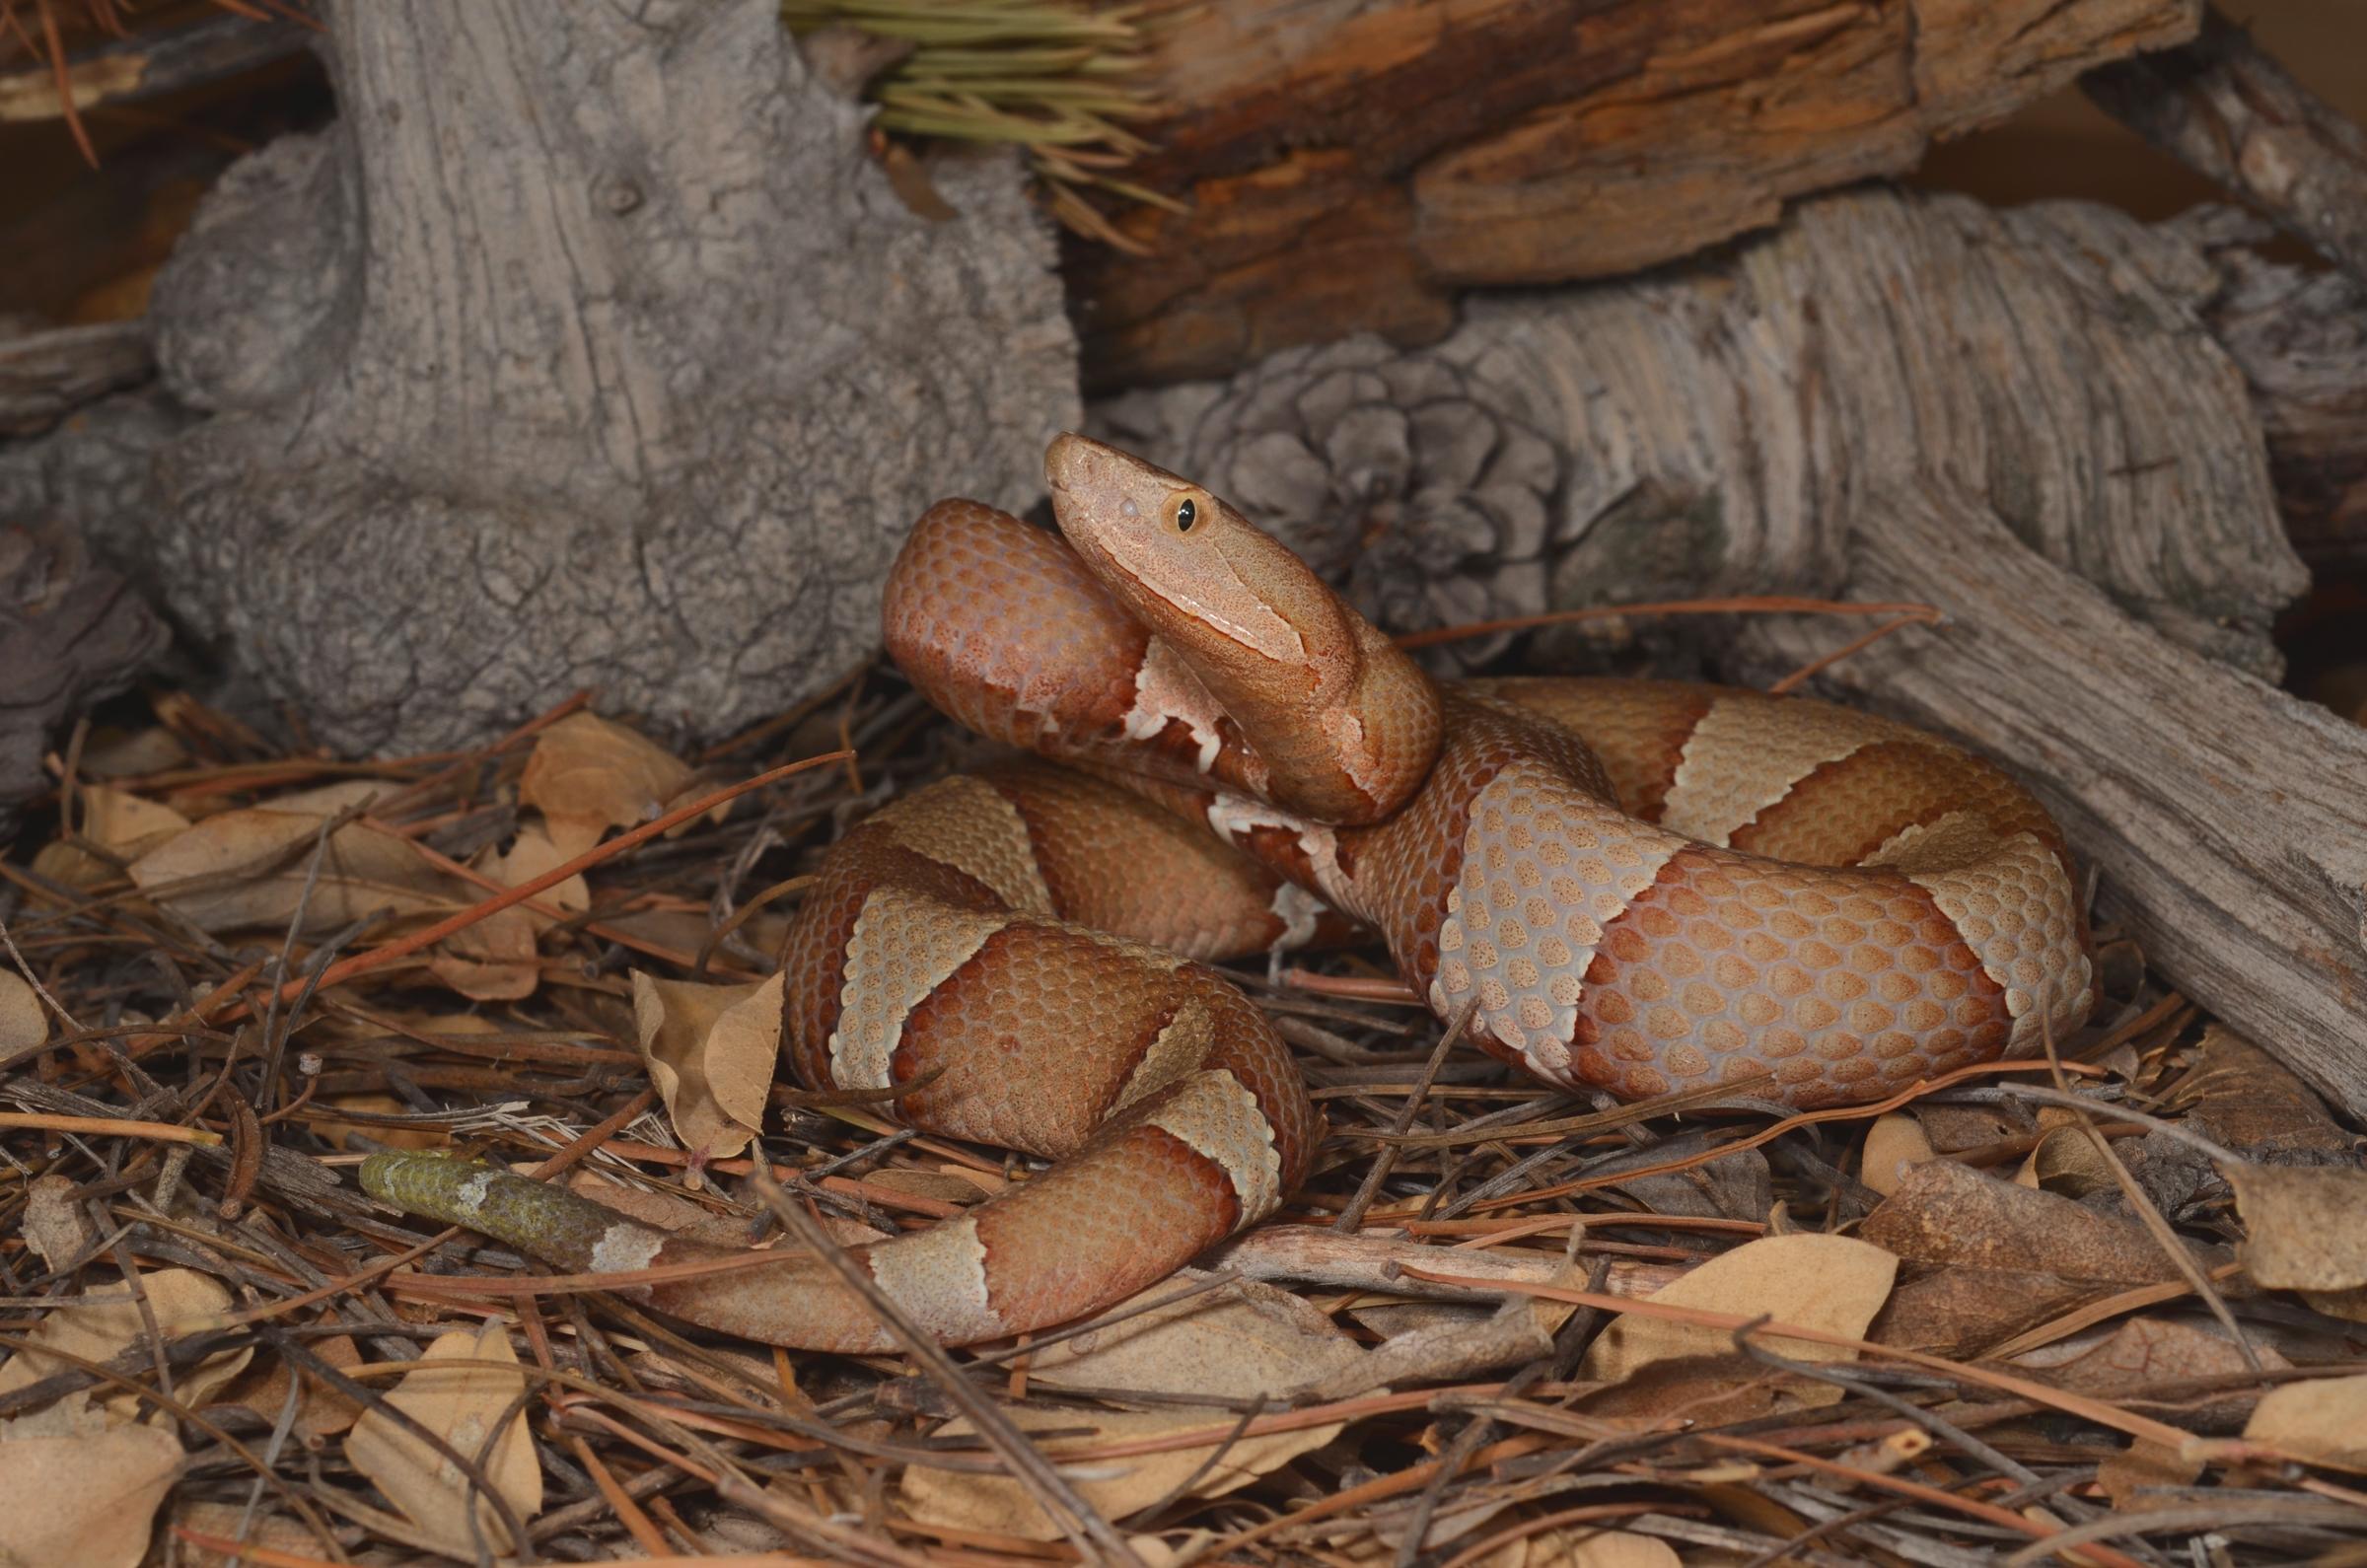 Agkistrodon contortrix laticinctus